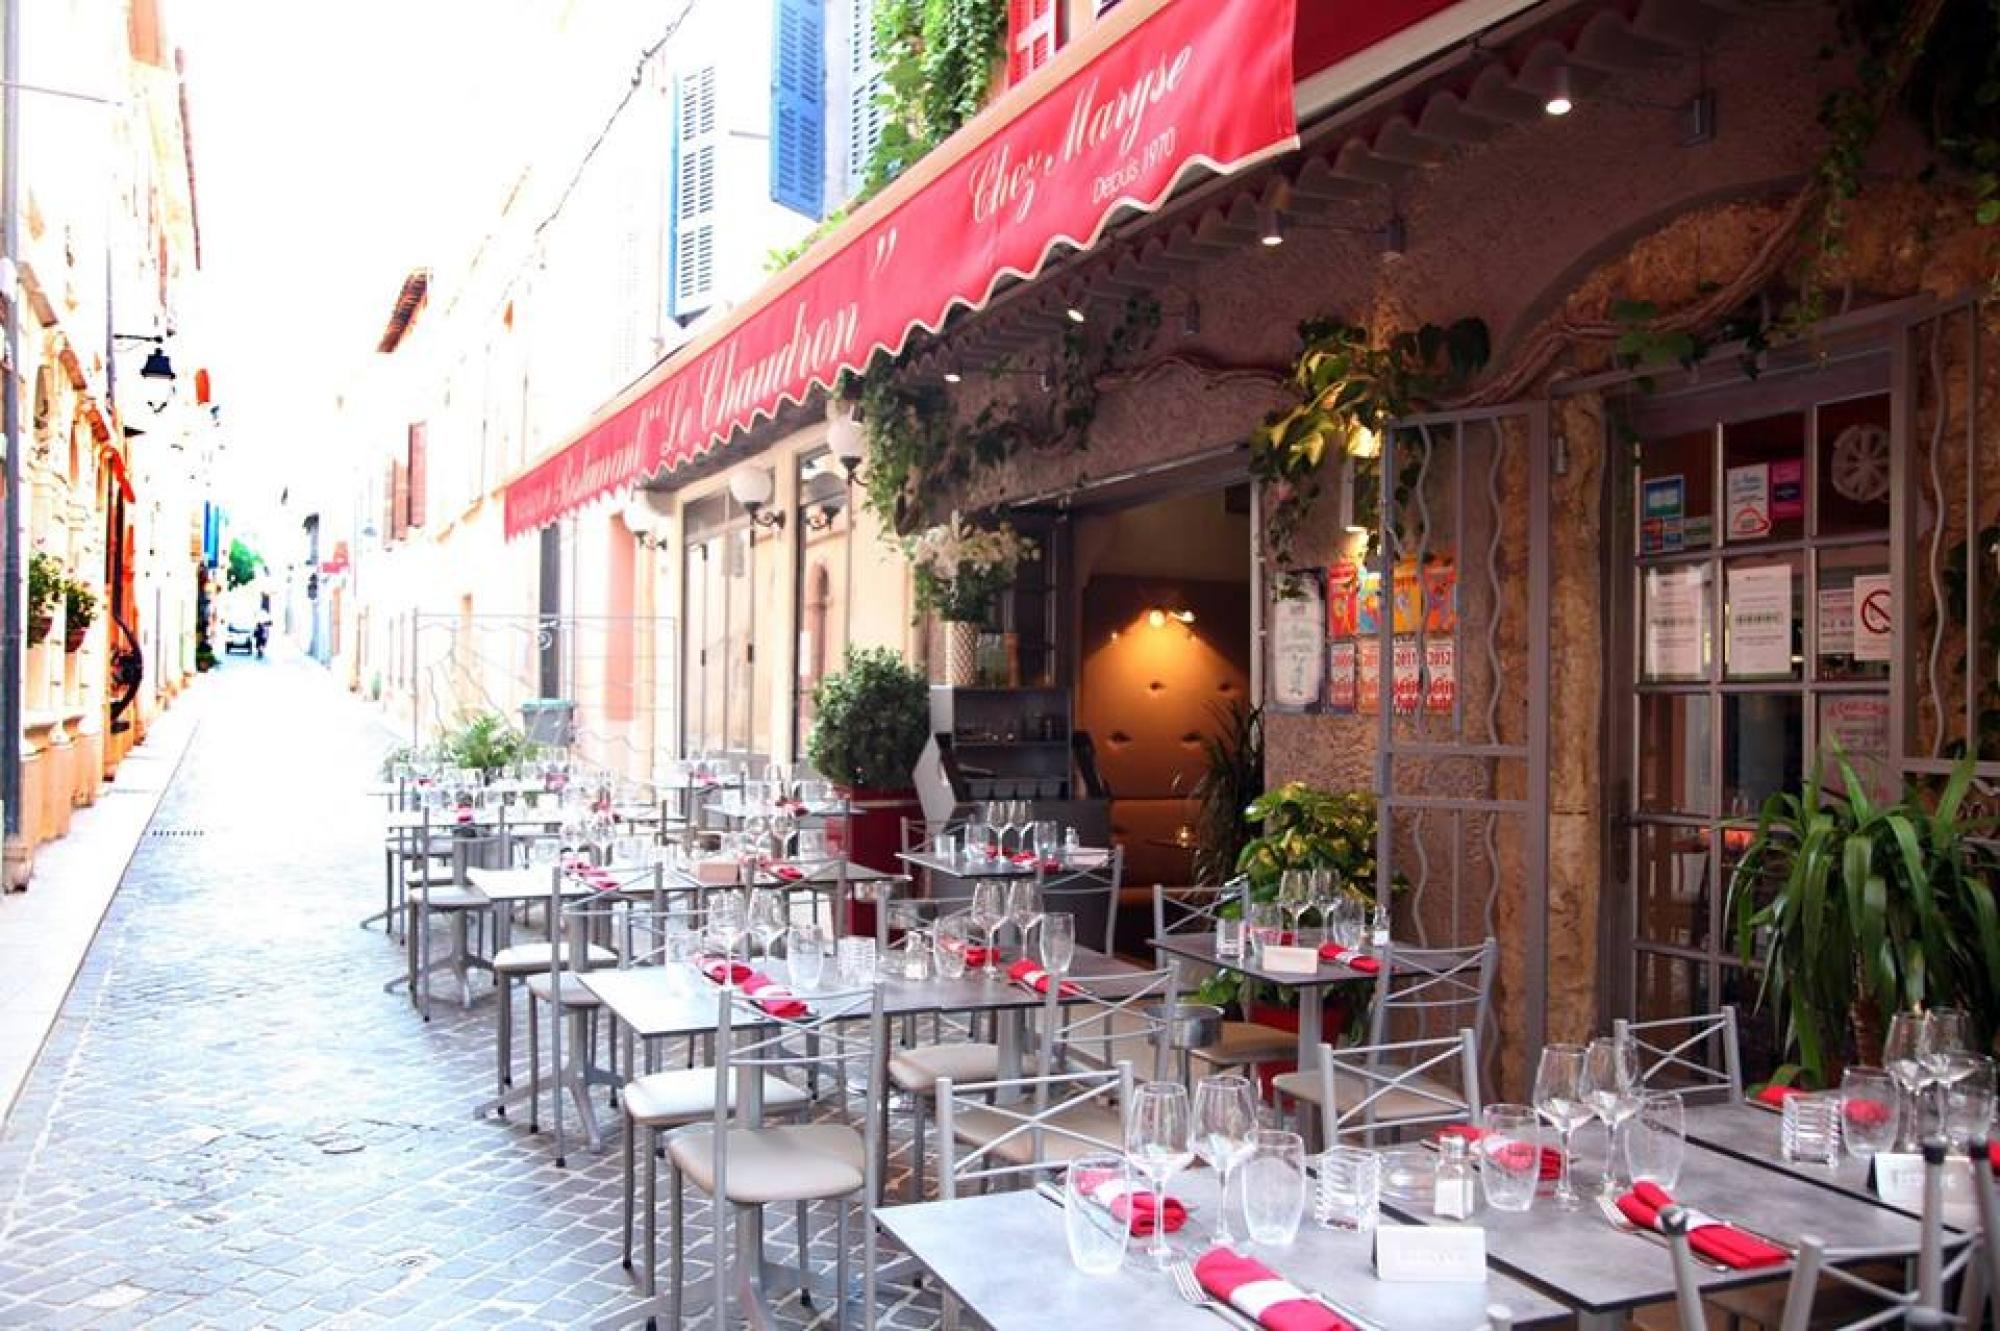 Poissons et viandes grillées, il n'y a que des produits frais au restaurant Le Chaudron à Cassis